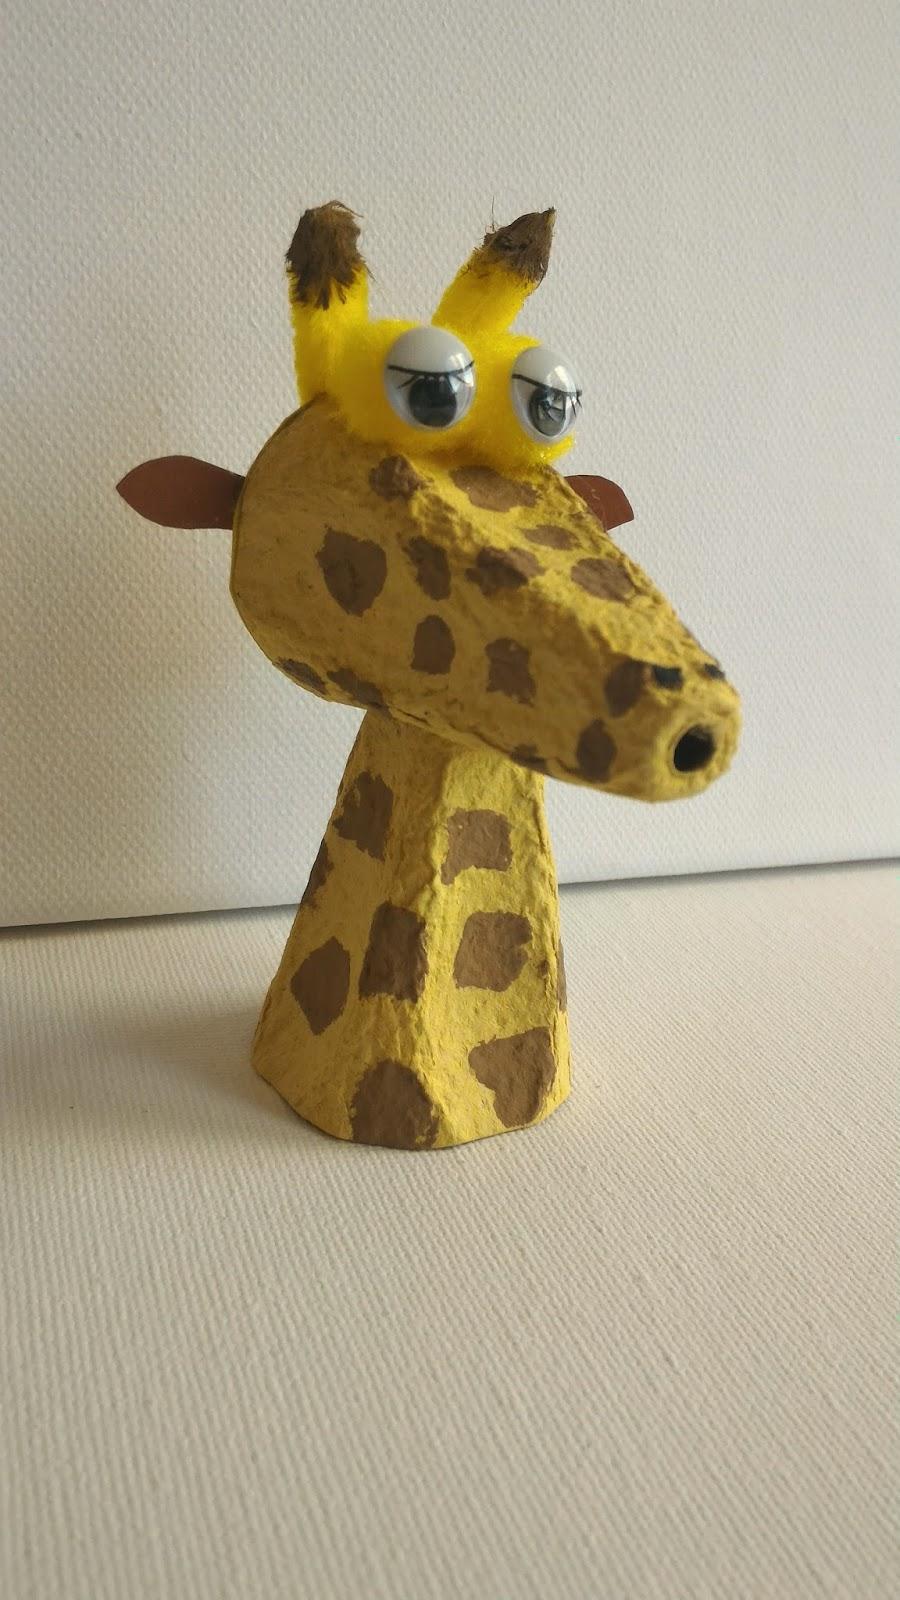 Chagaz 39 et vous diy faire une girafe avec une boite d 39 oeuf for Prix d une girafe a poncer